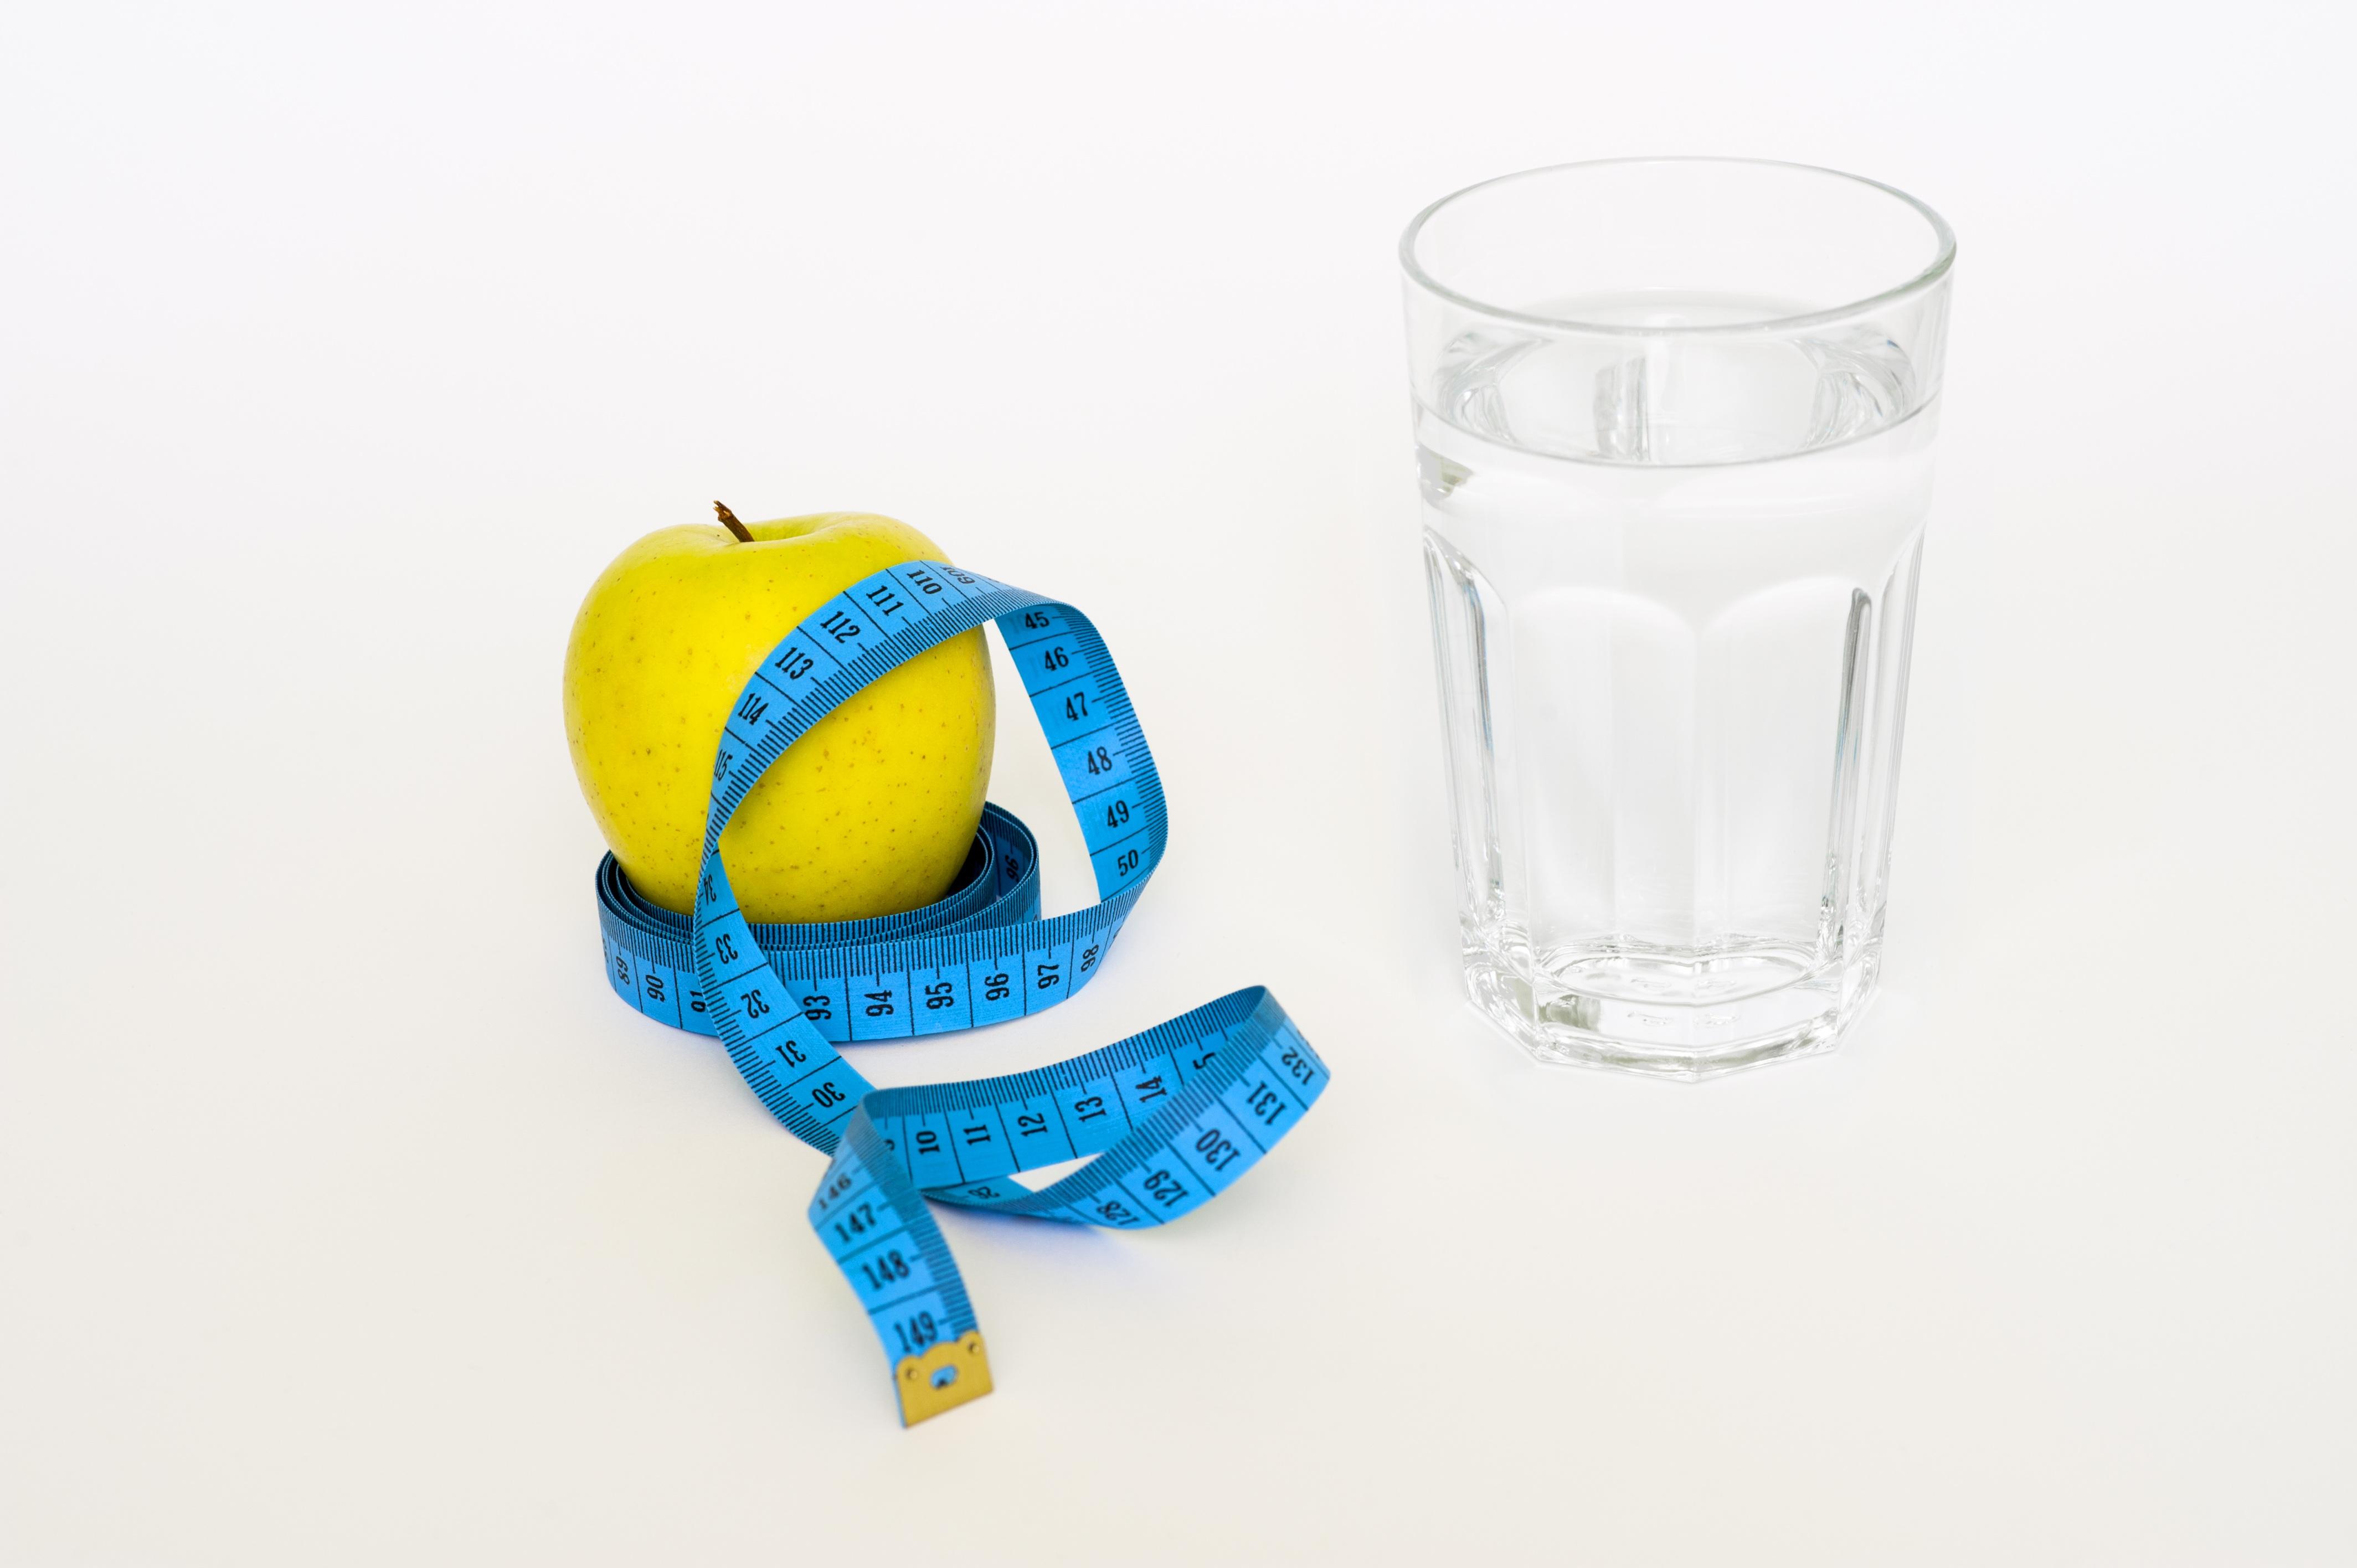 centru de pierdere în greutate în thane